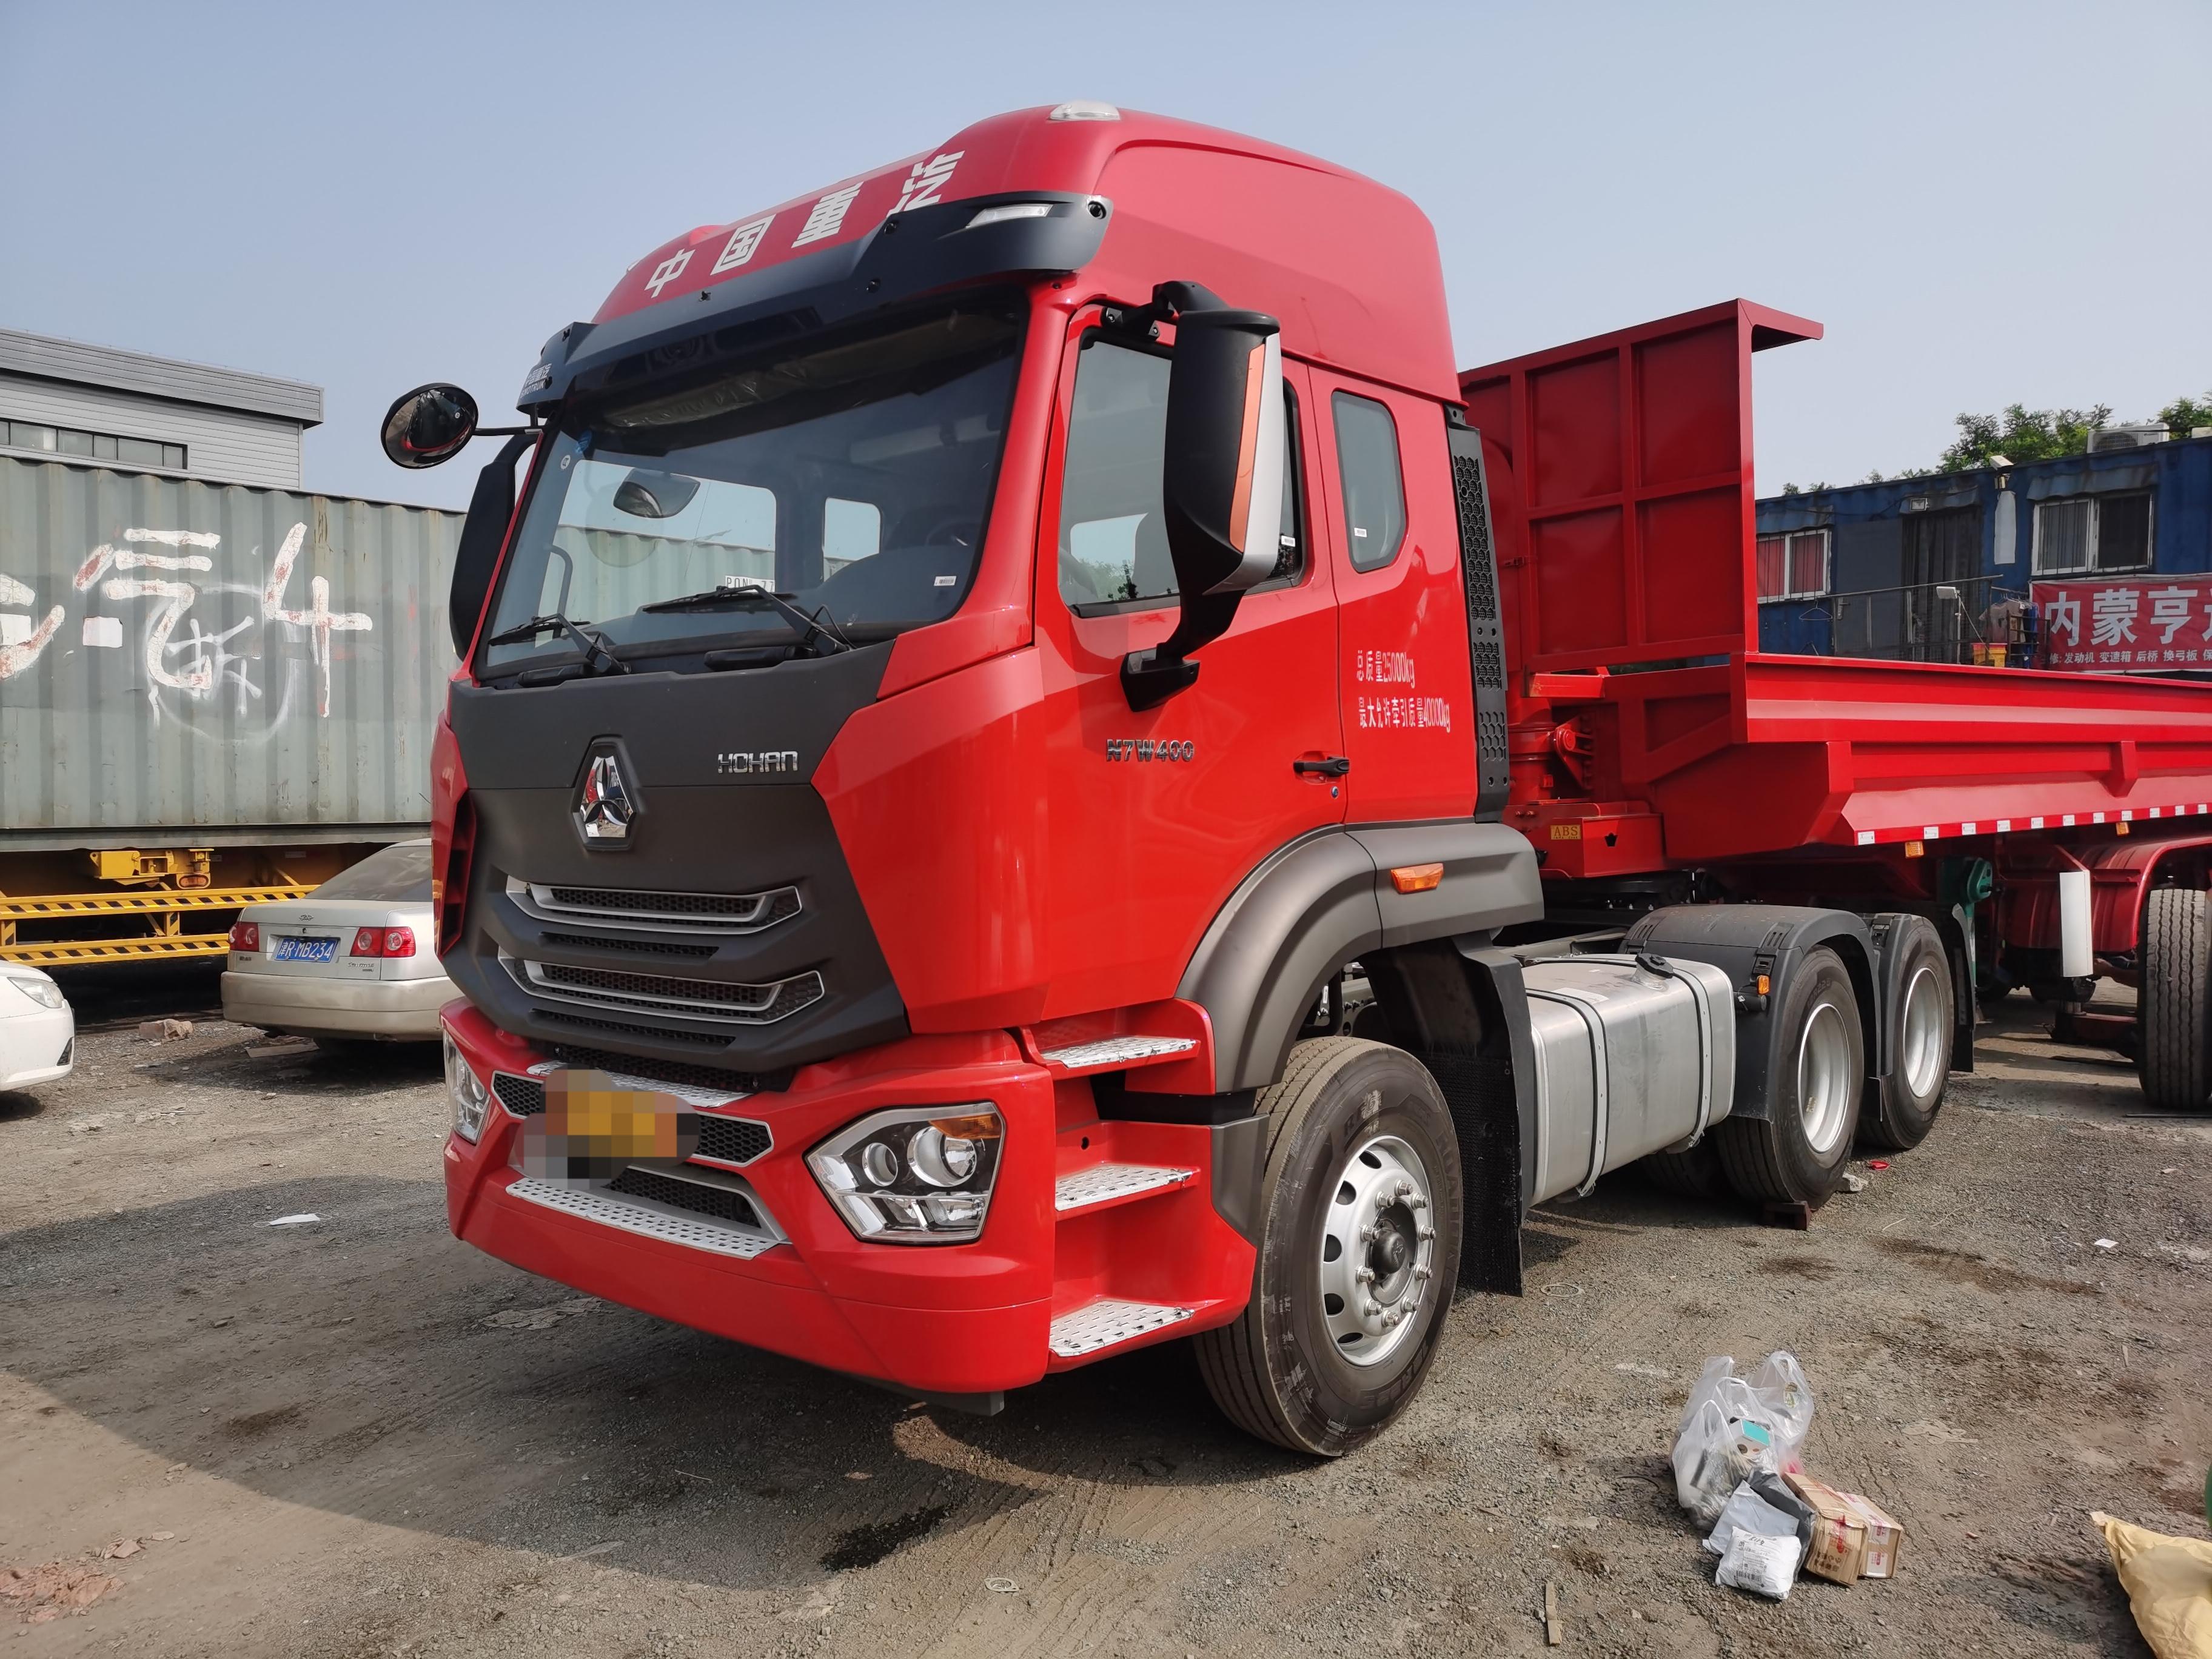 中国重汽 豪瀚N7W重卡 460马力 6X4牵引车(重汽HW257)(ZZ4255N3246E1)口碑